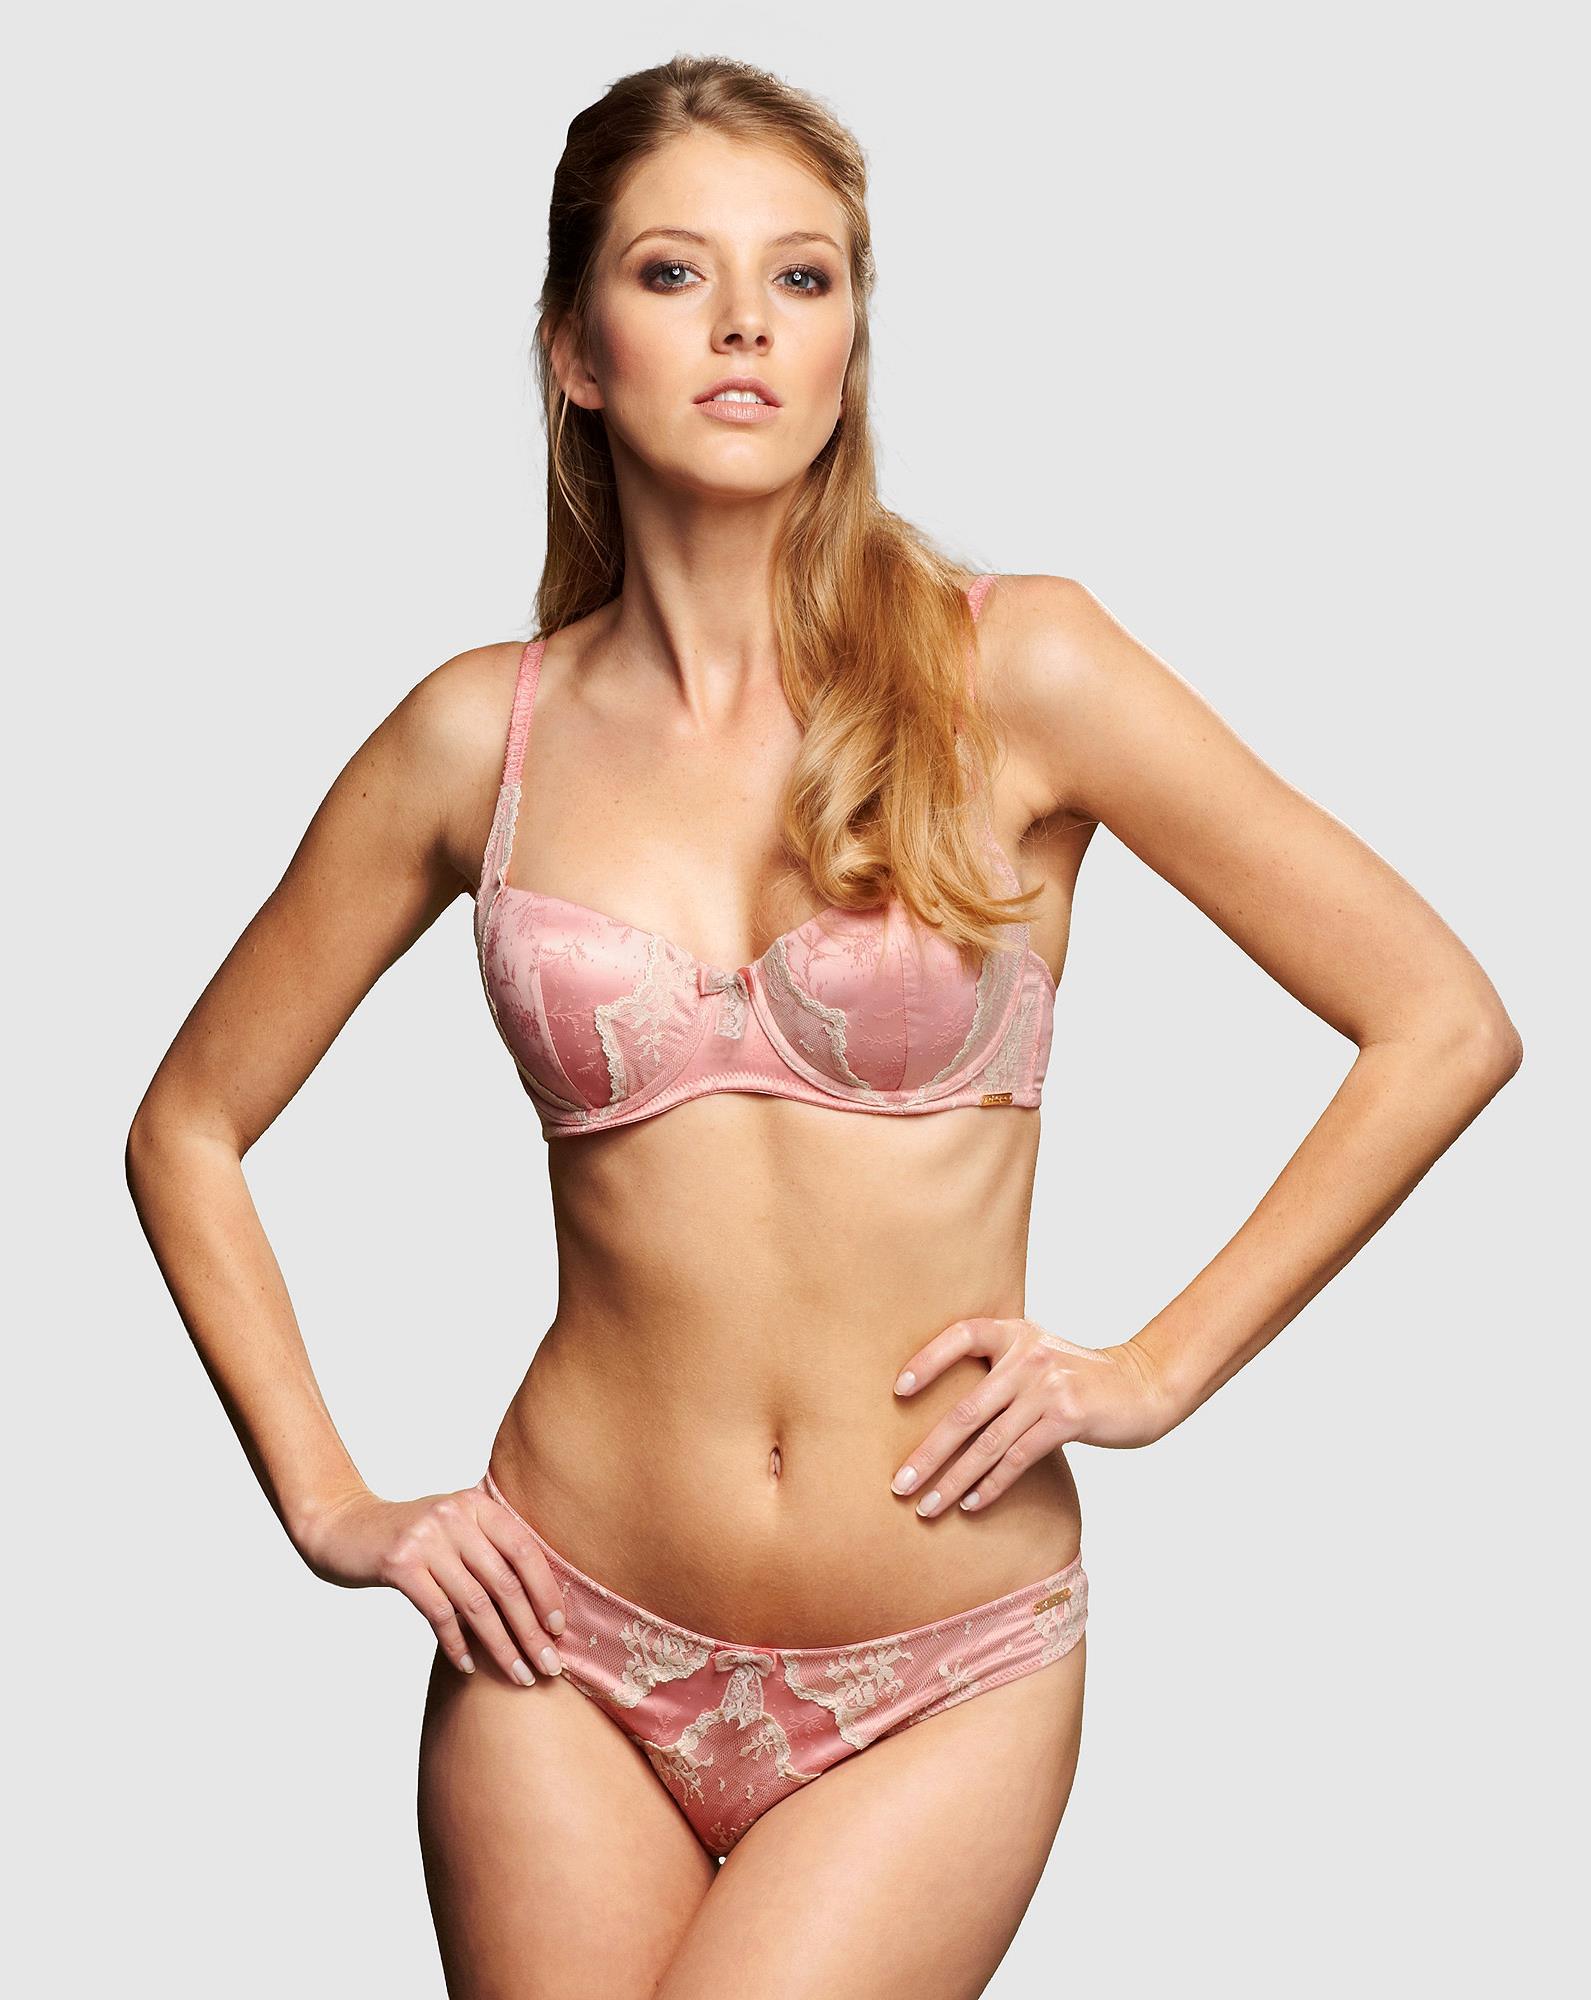 Elisabeth van Tergouw in lingerie